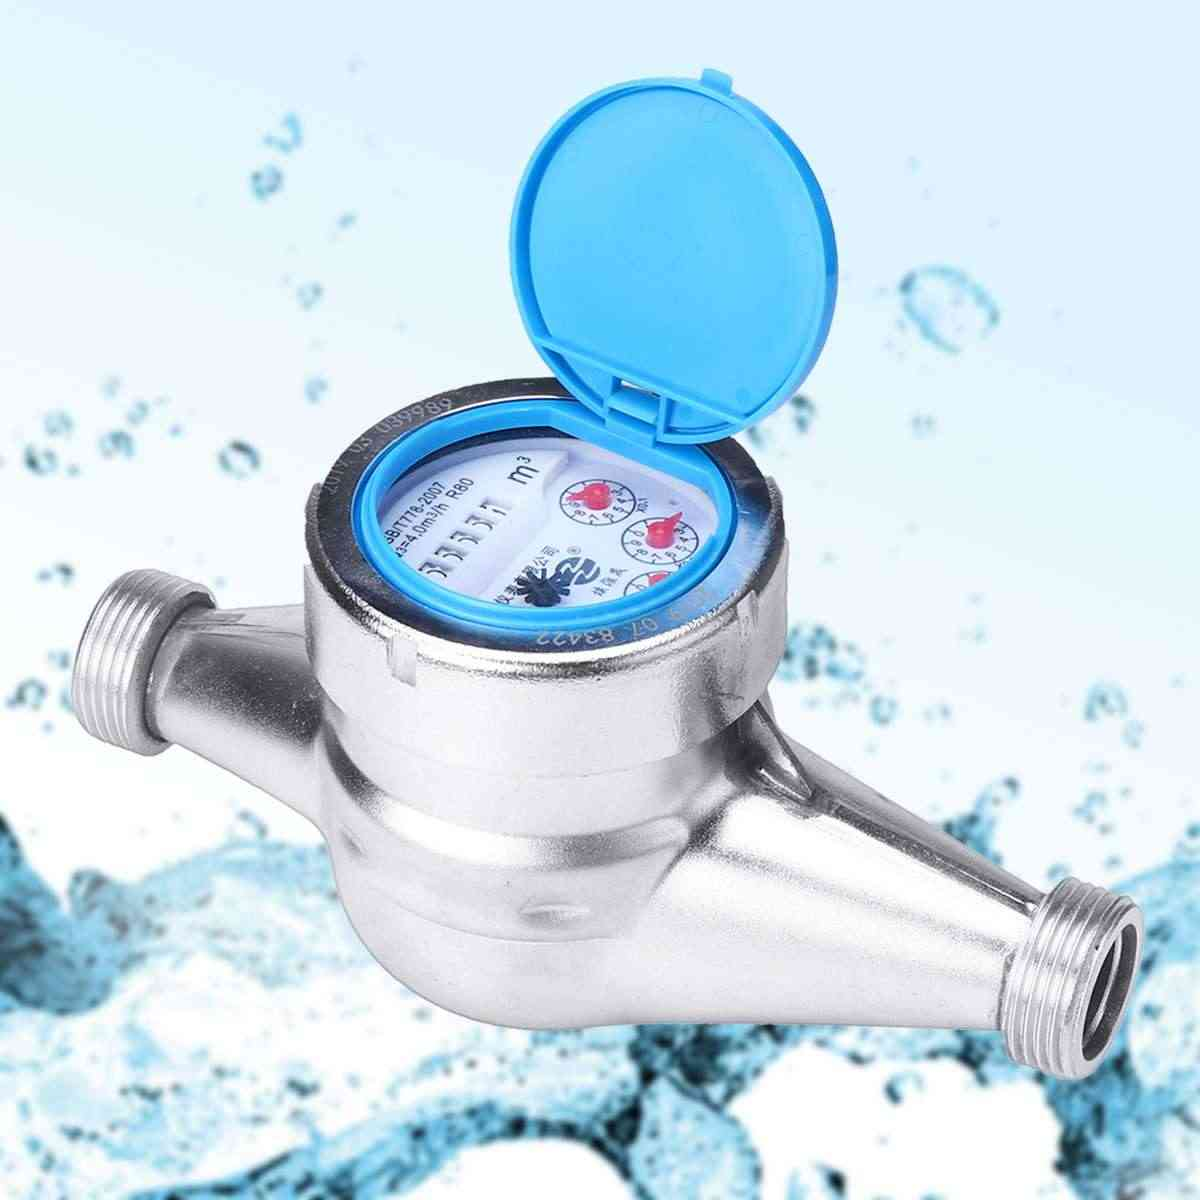 مياه الفولاذ غير القابل للصدأ متر الرطب نوع الباردة المياه متر البلاستيك الدوار نوع جهاز القياس الحنفية الجدول مكافحة المنزل غارد أدوات 15 مللي متر